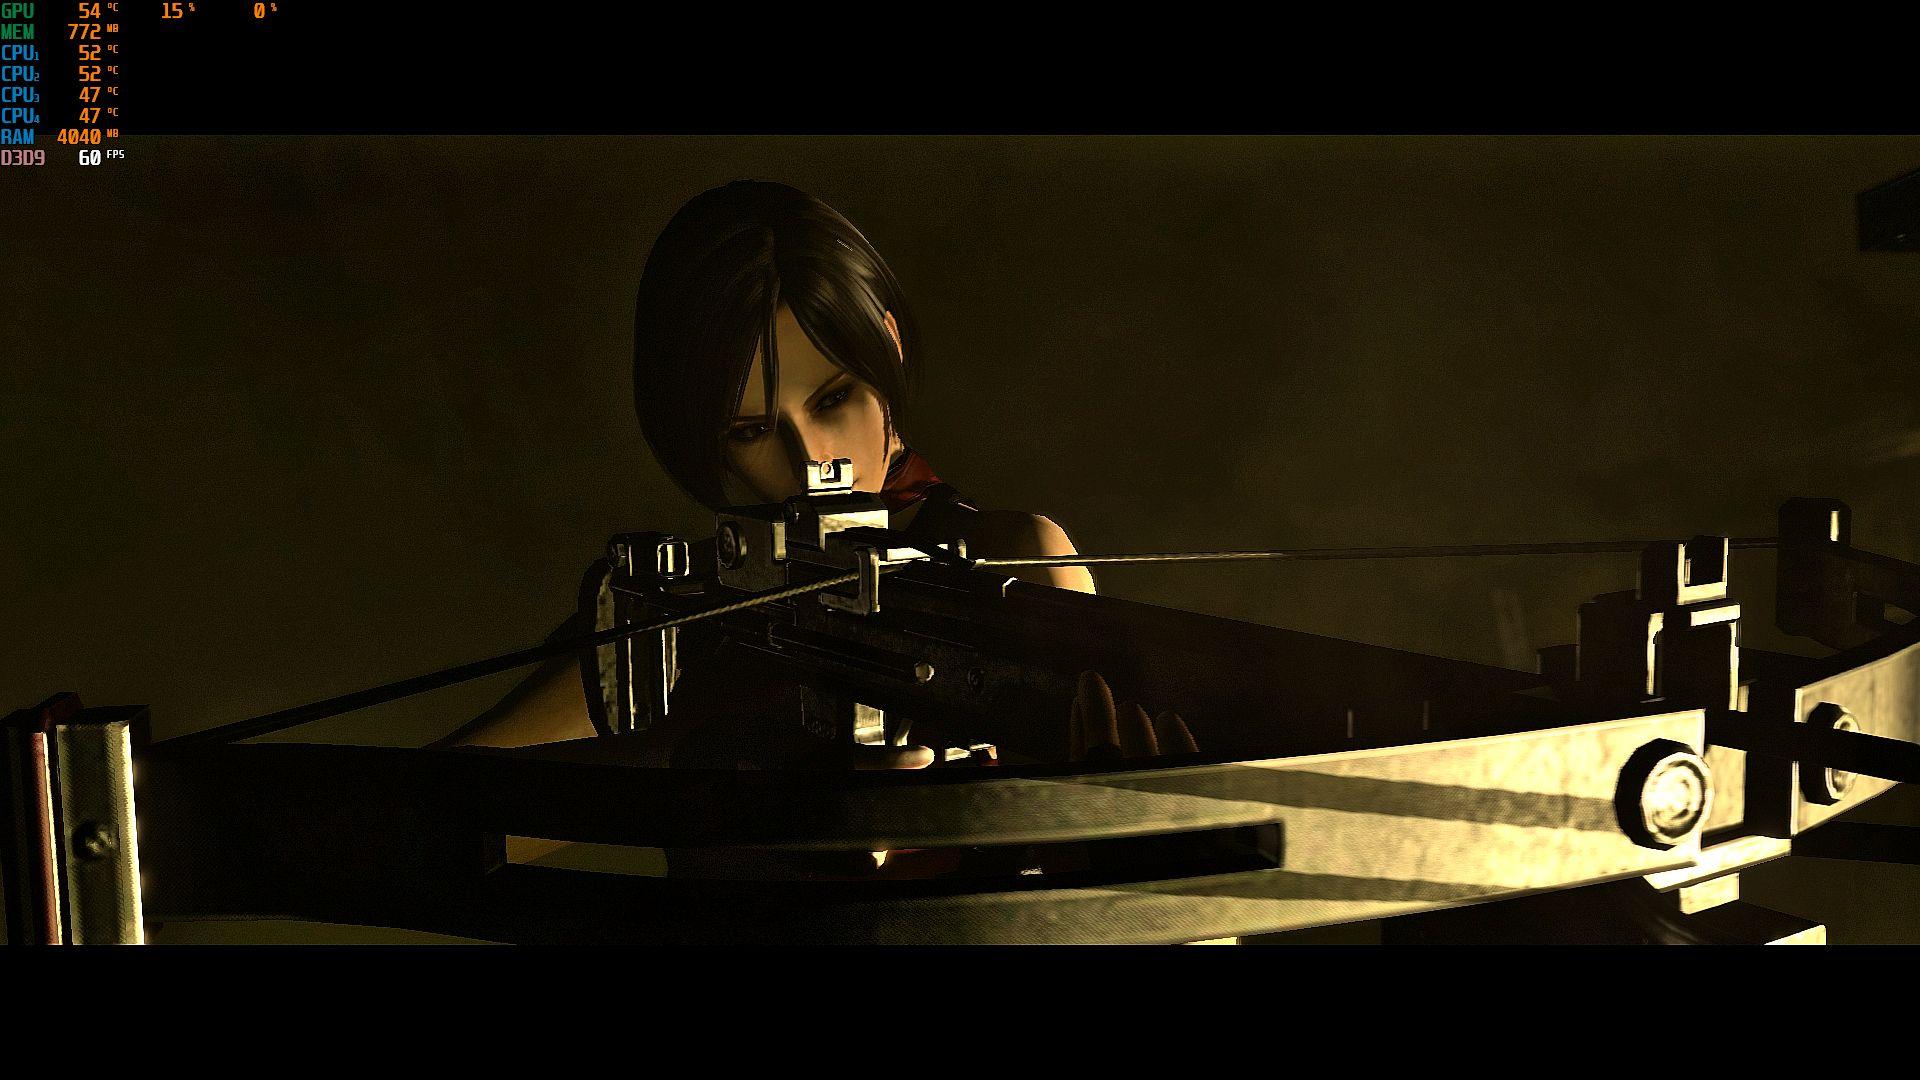 000257.Jpg - Resident Evil 6